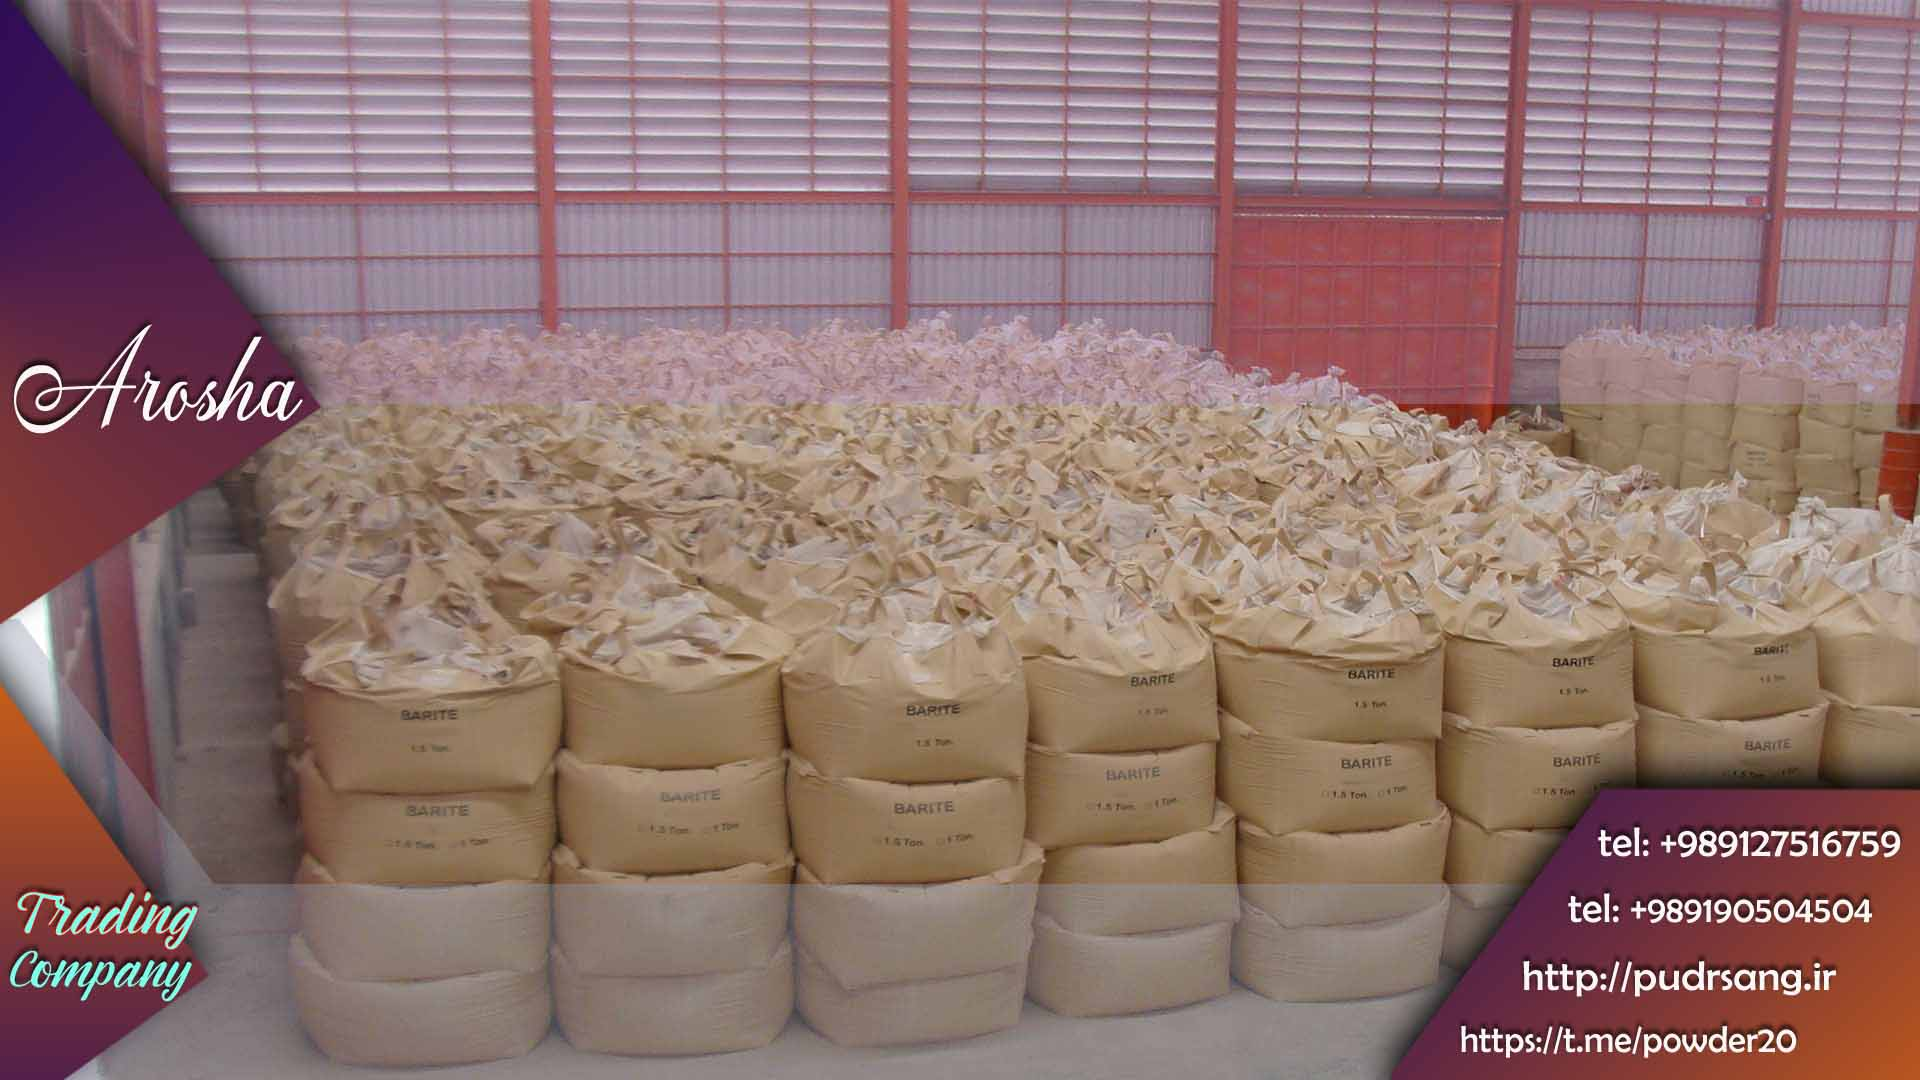 فروش عمده پودر میکرونیزه باریت